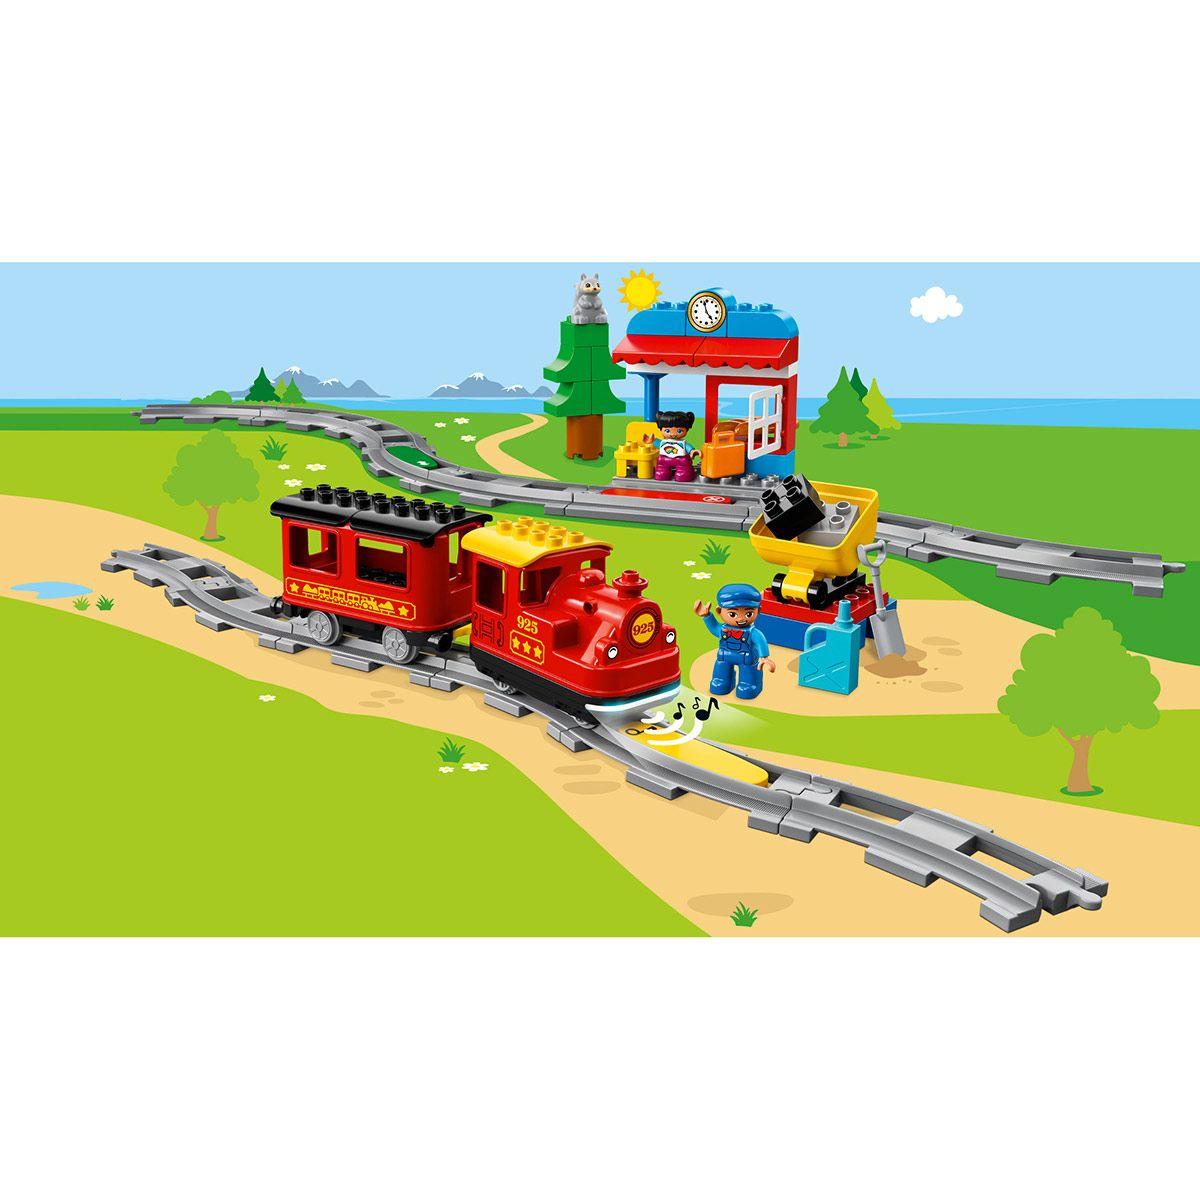 10874 Construction De Le Train Lego Duplo La À Jeux Vapeur oCWxrdeQB